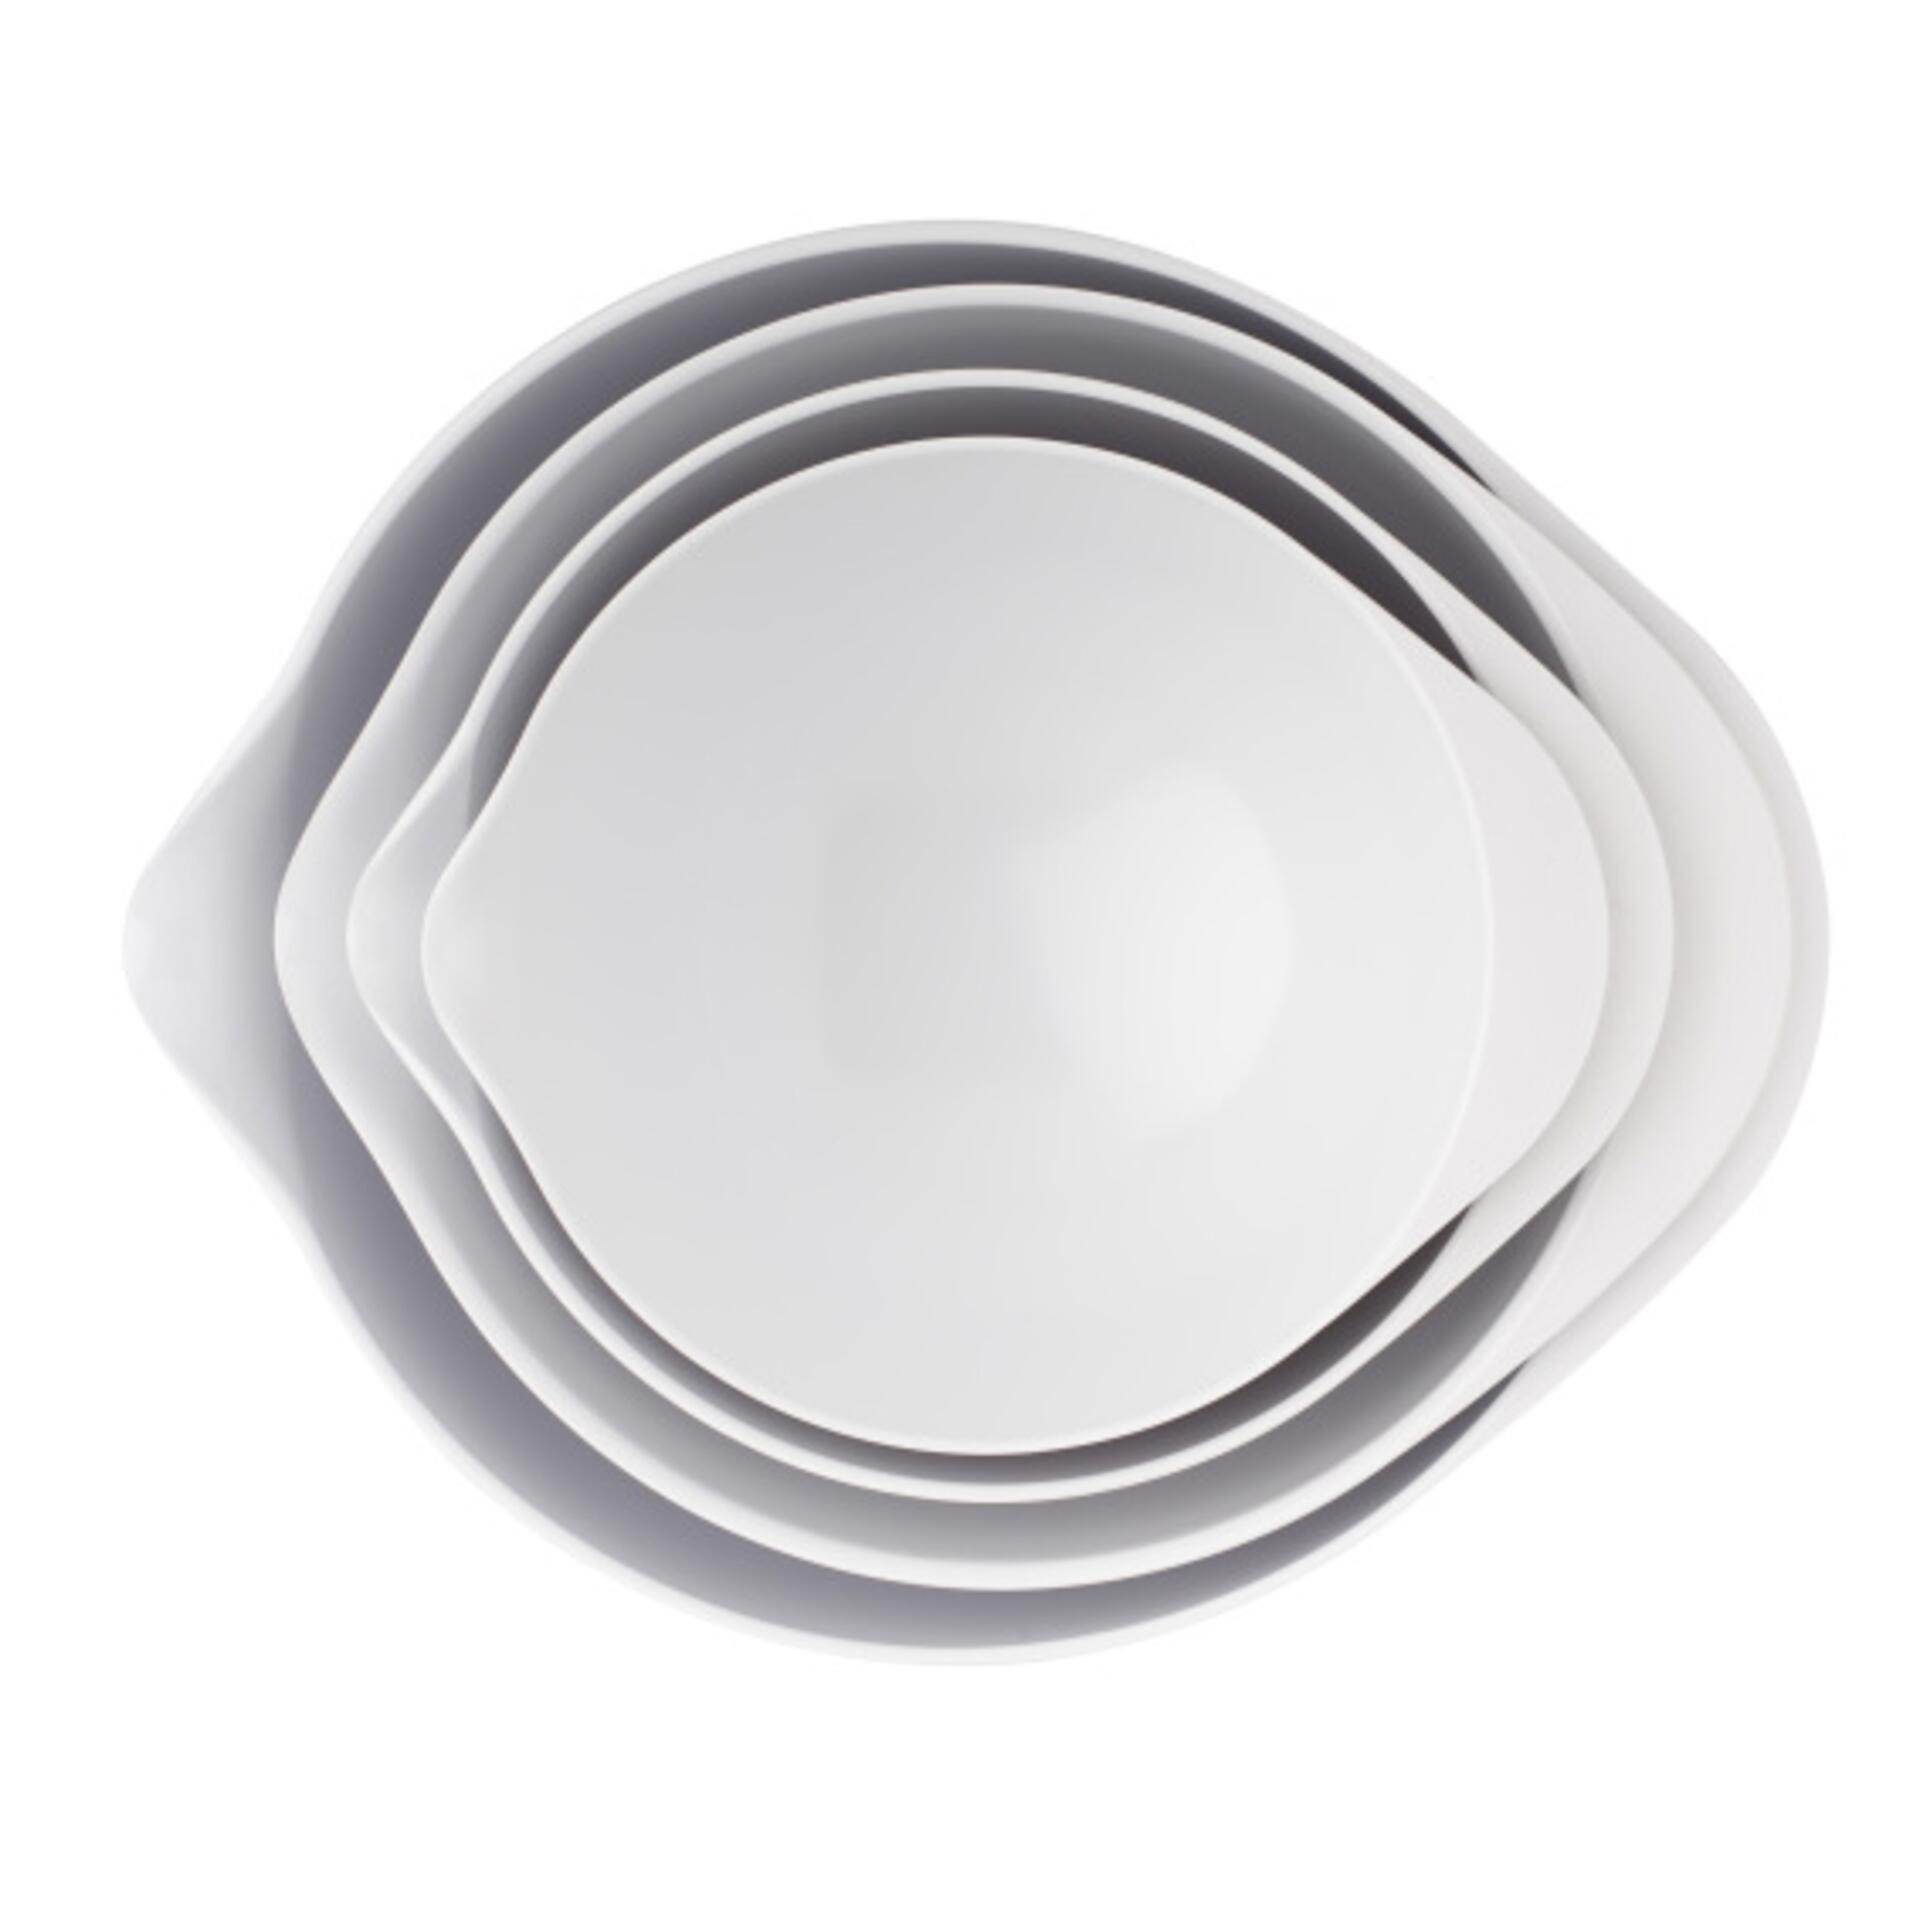 Rosti Mepal Margrethe Rührschüssel 5,0 l Weiß